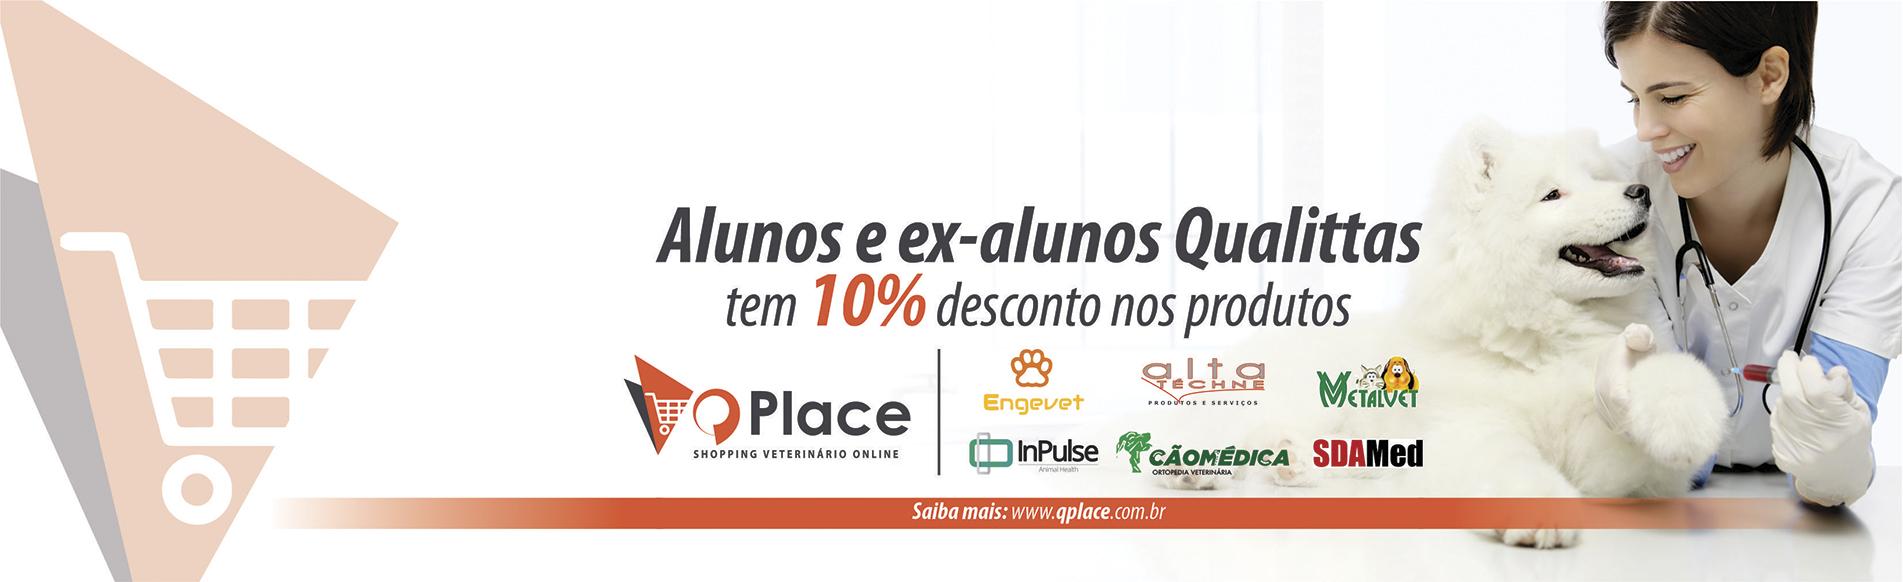 Faculdade Qualittas